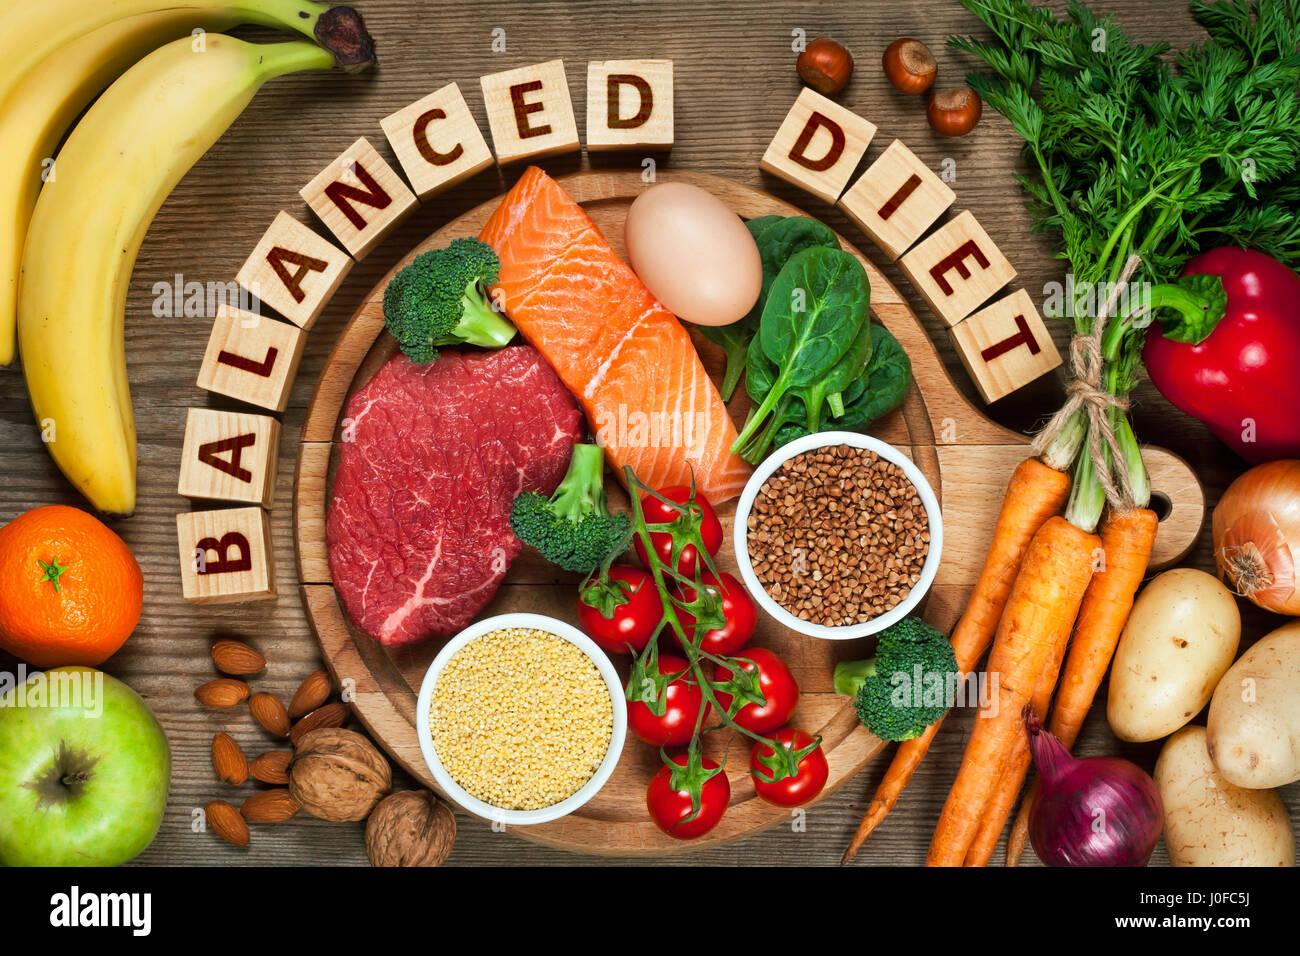 Dieta equilibrada - alimentos saludables en la mesa de madera Imagen De Stock